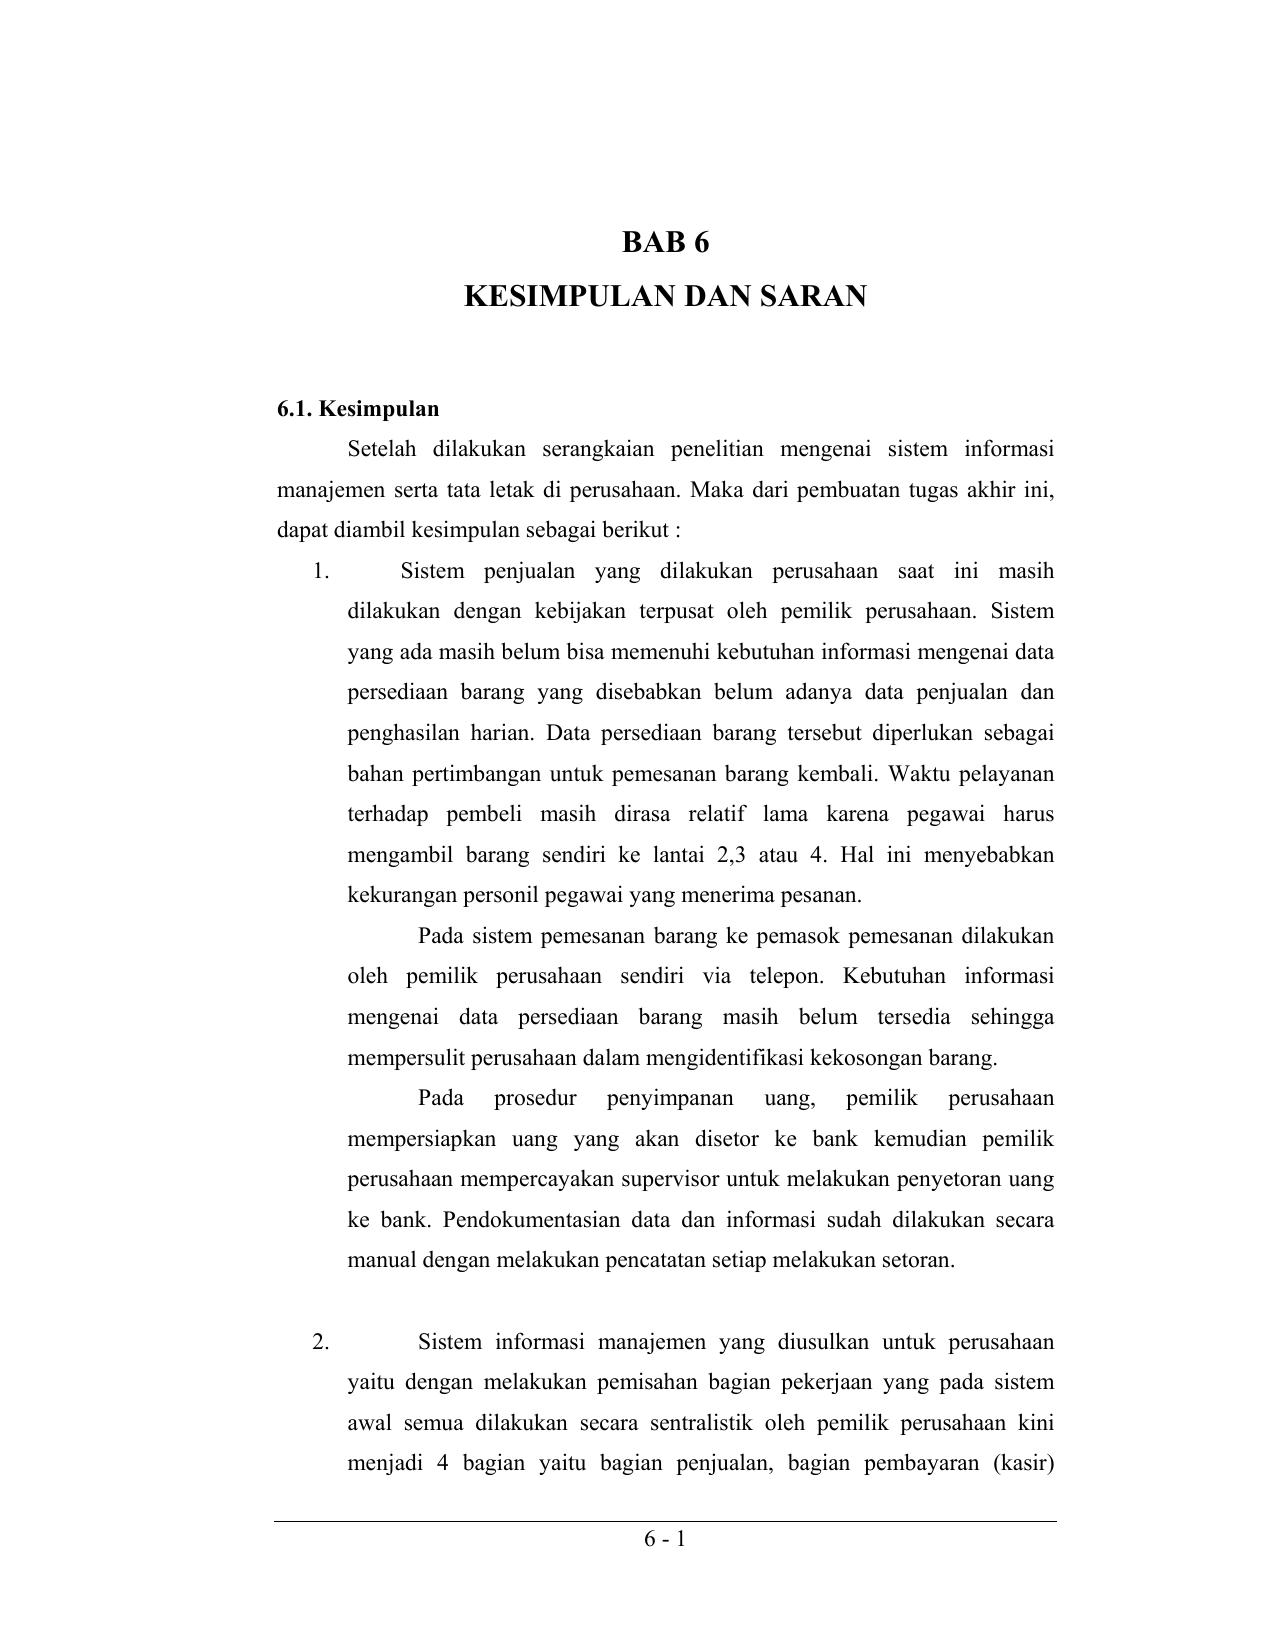 Bab 6 Kesimpulan Dan Saran